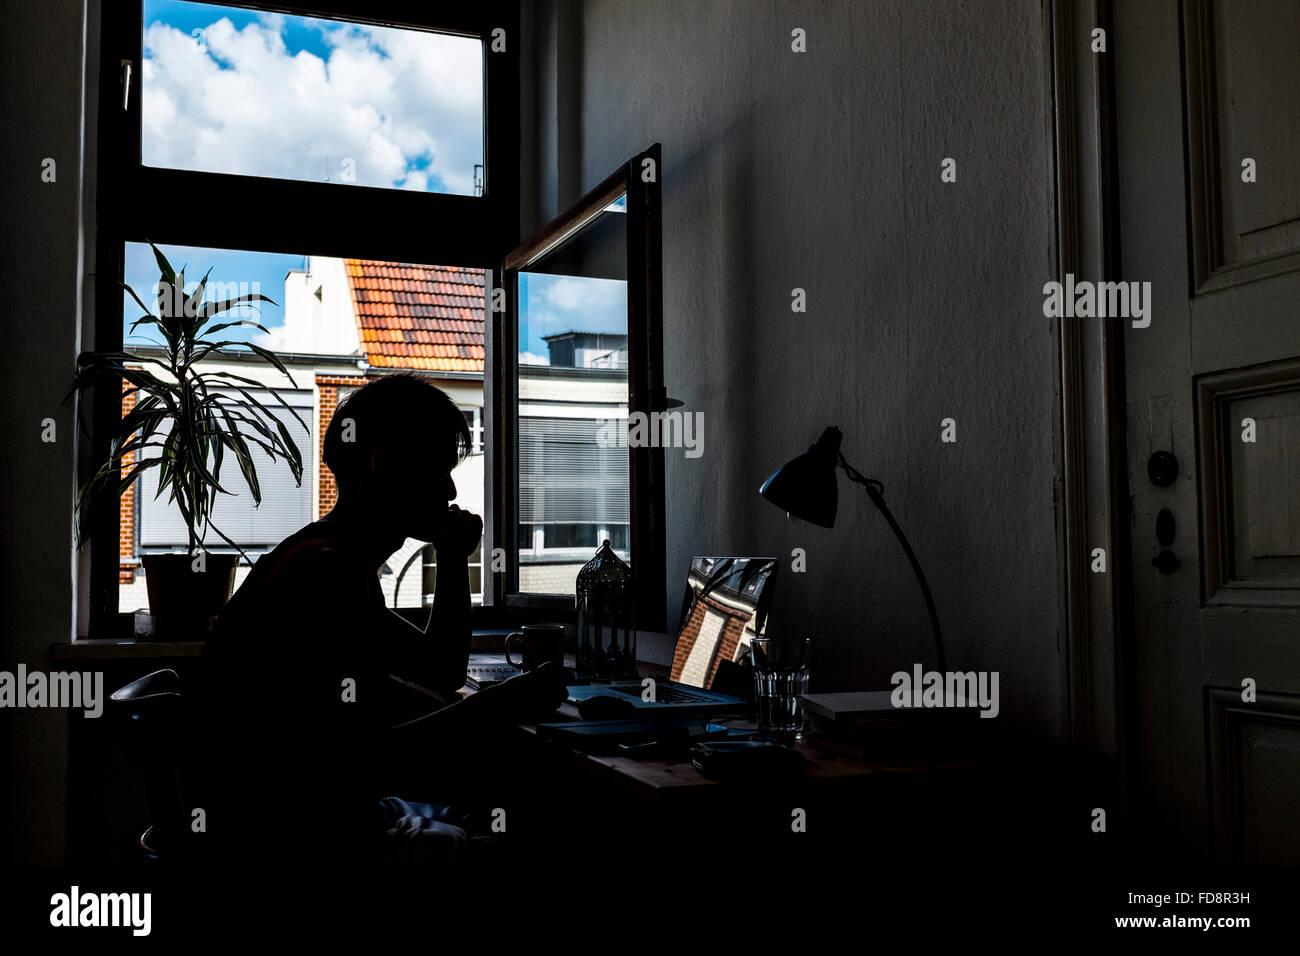 Silueta de hombre utilizando un portátil en una mesa Imagen De Stock